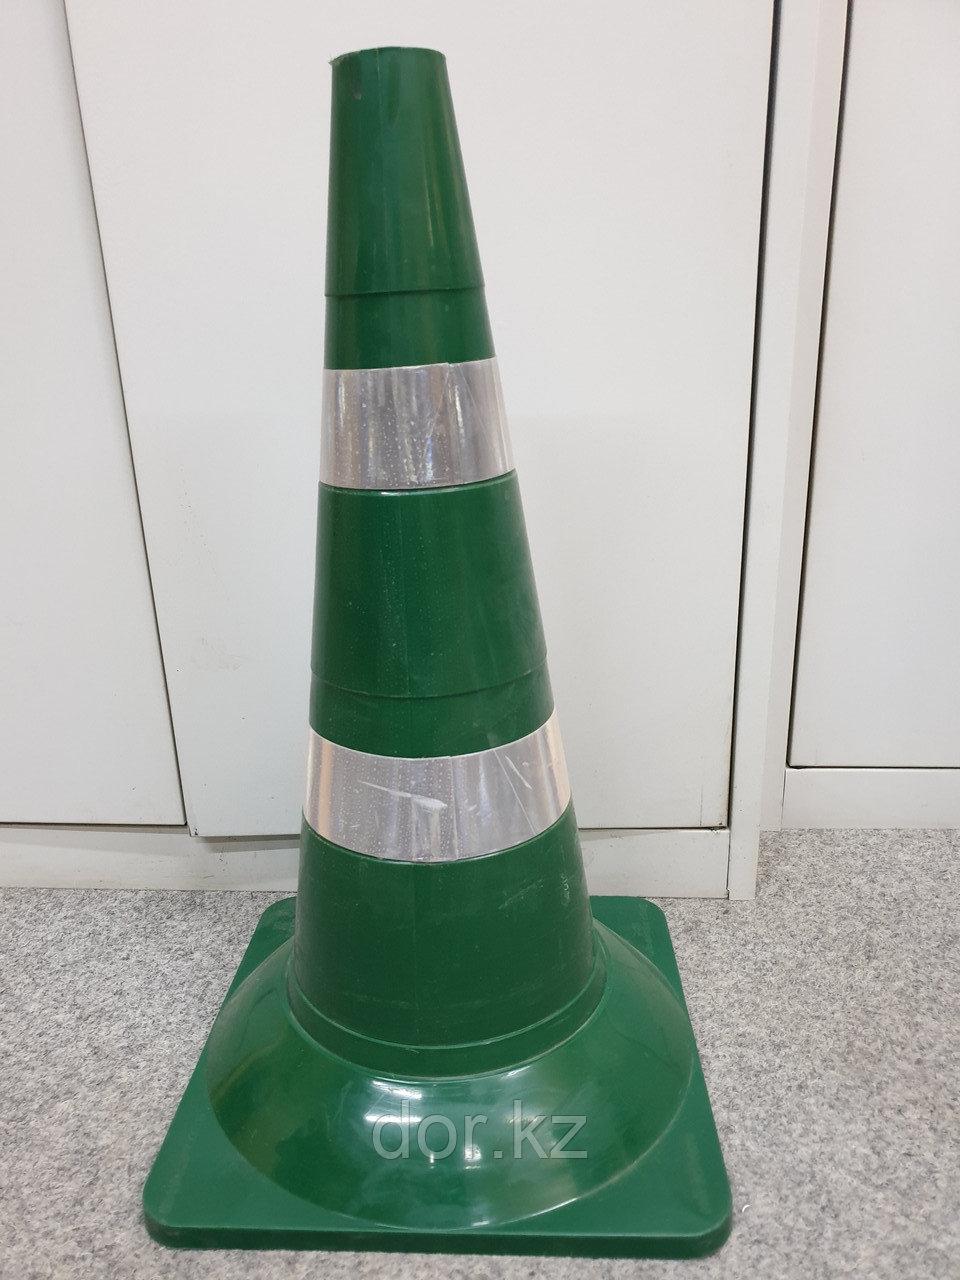 Конус резиновый дорожный  зеленый Для дорожных работ